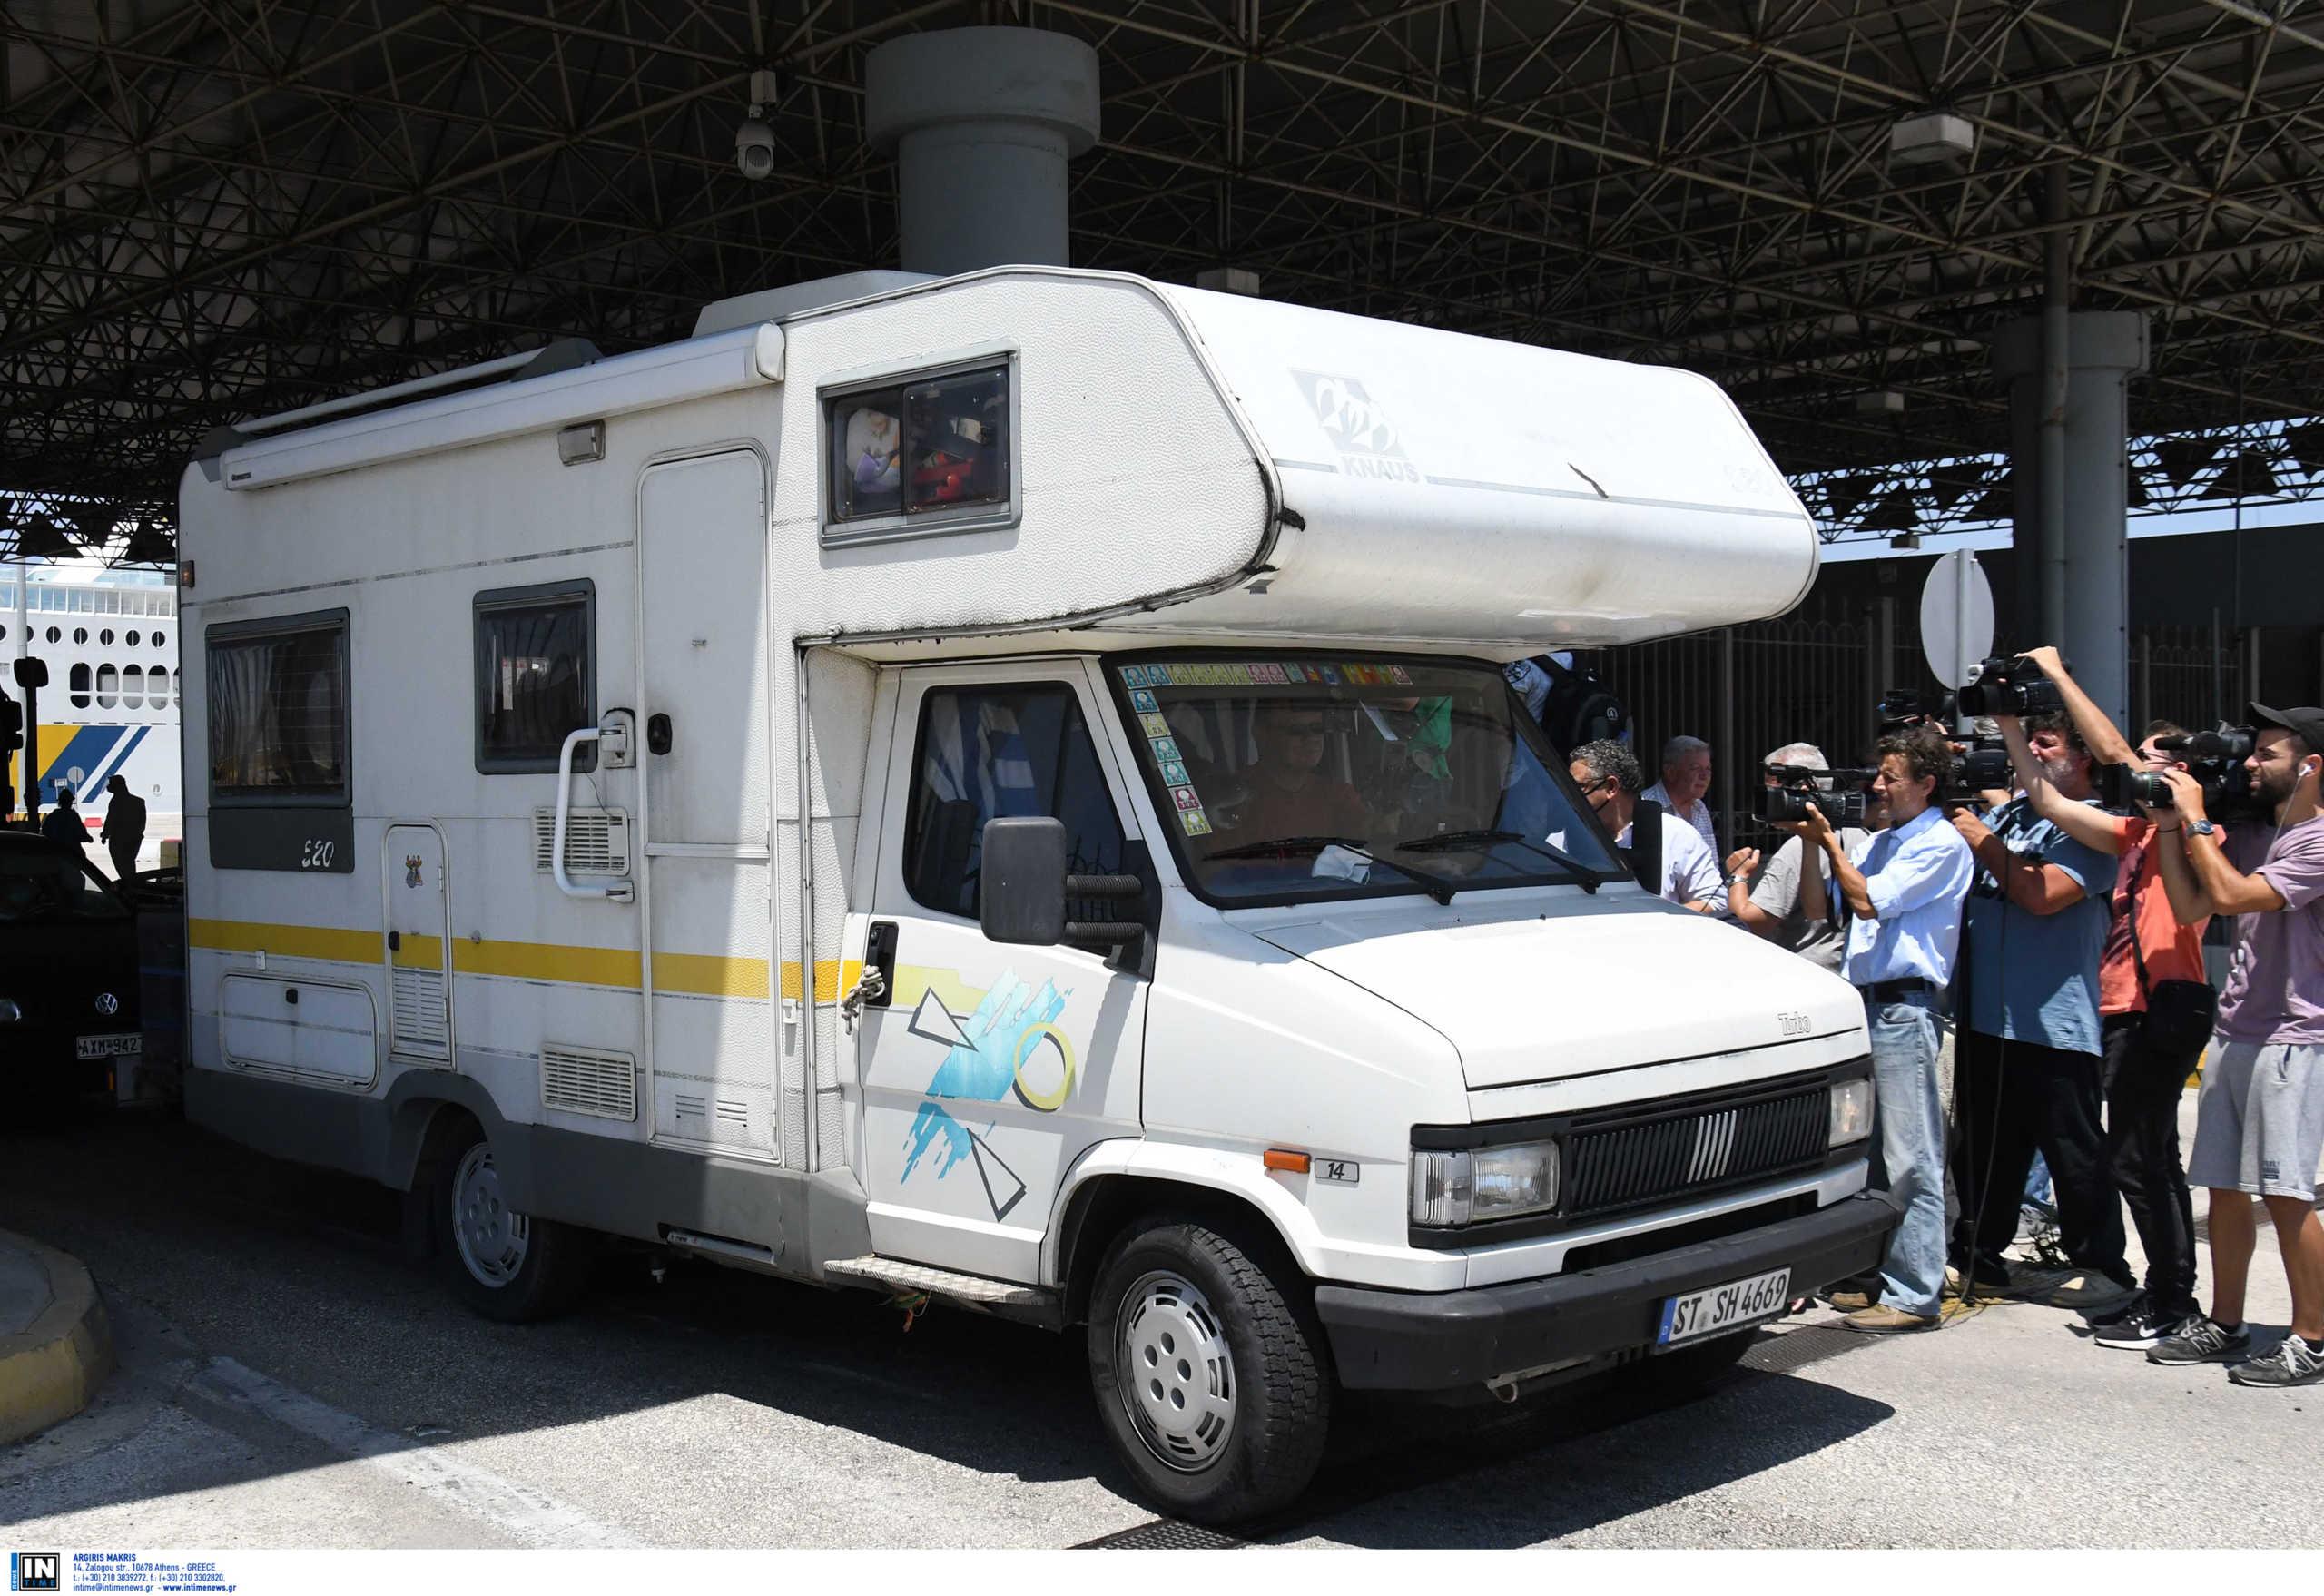 Πάτρα: 1500 ταξιδιώτες θα φτάσουν μέχρι το βράδυ στο λιμάνι